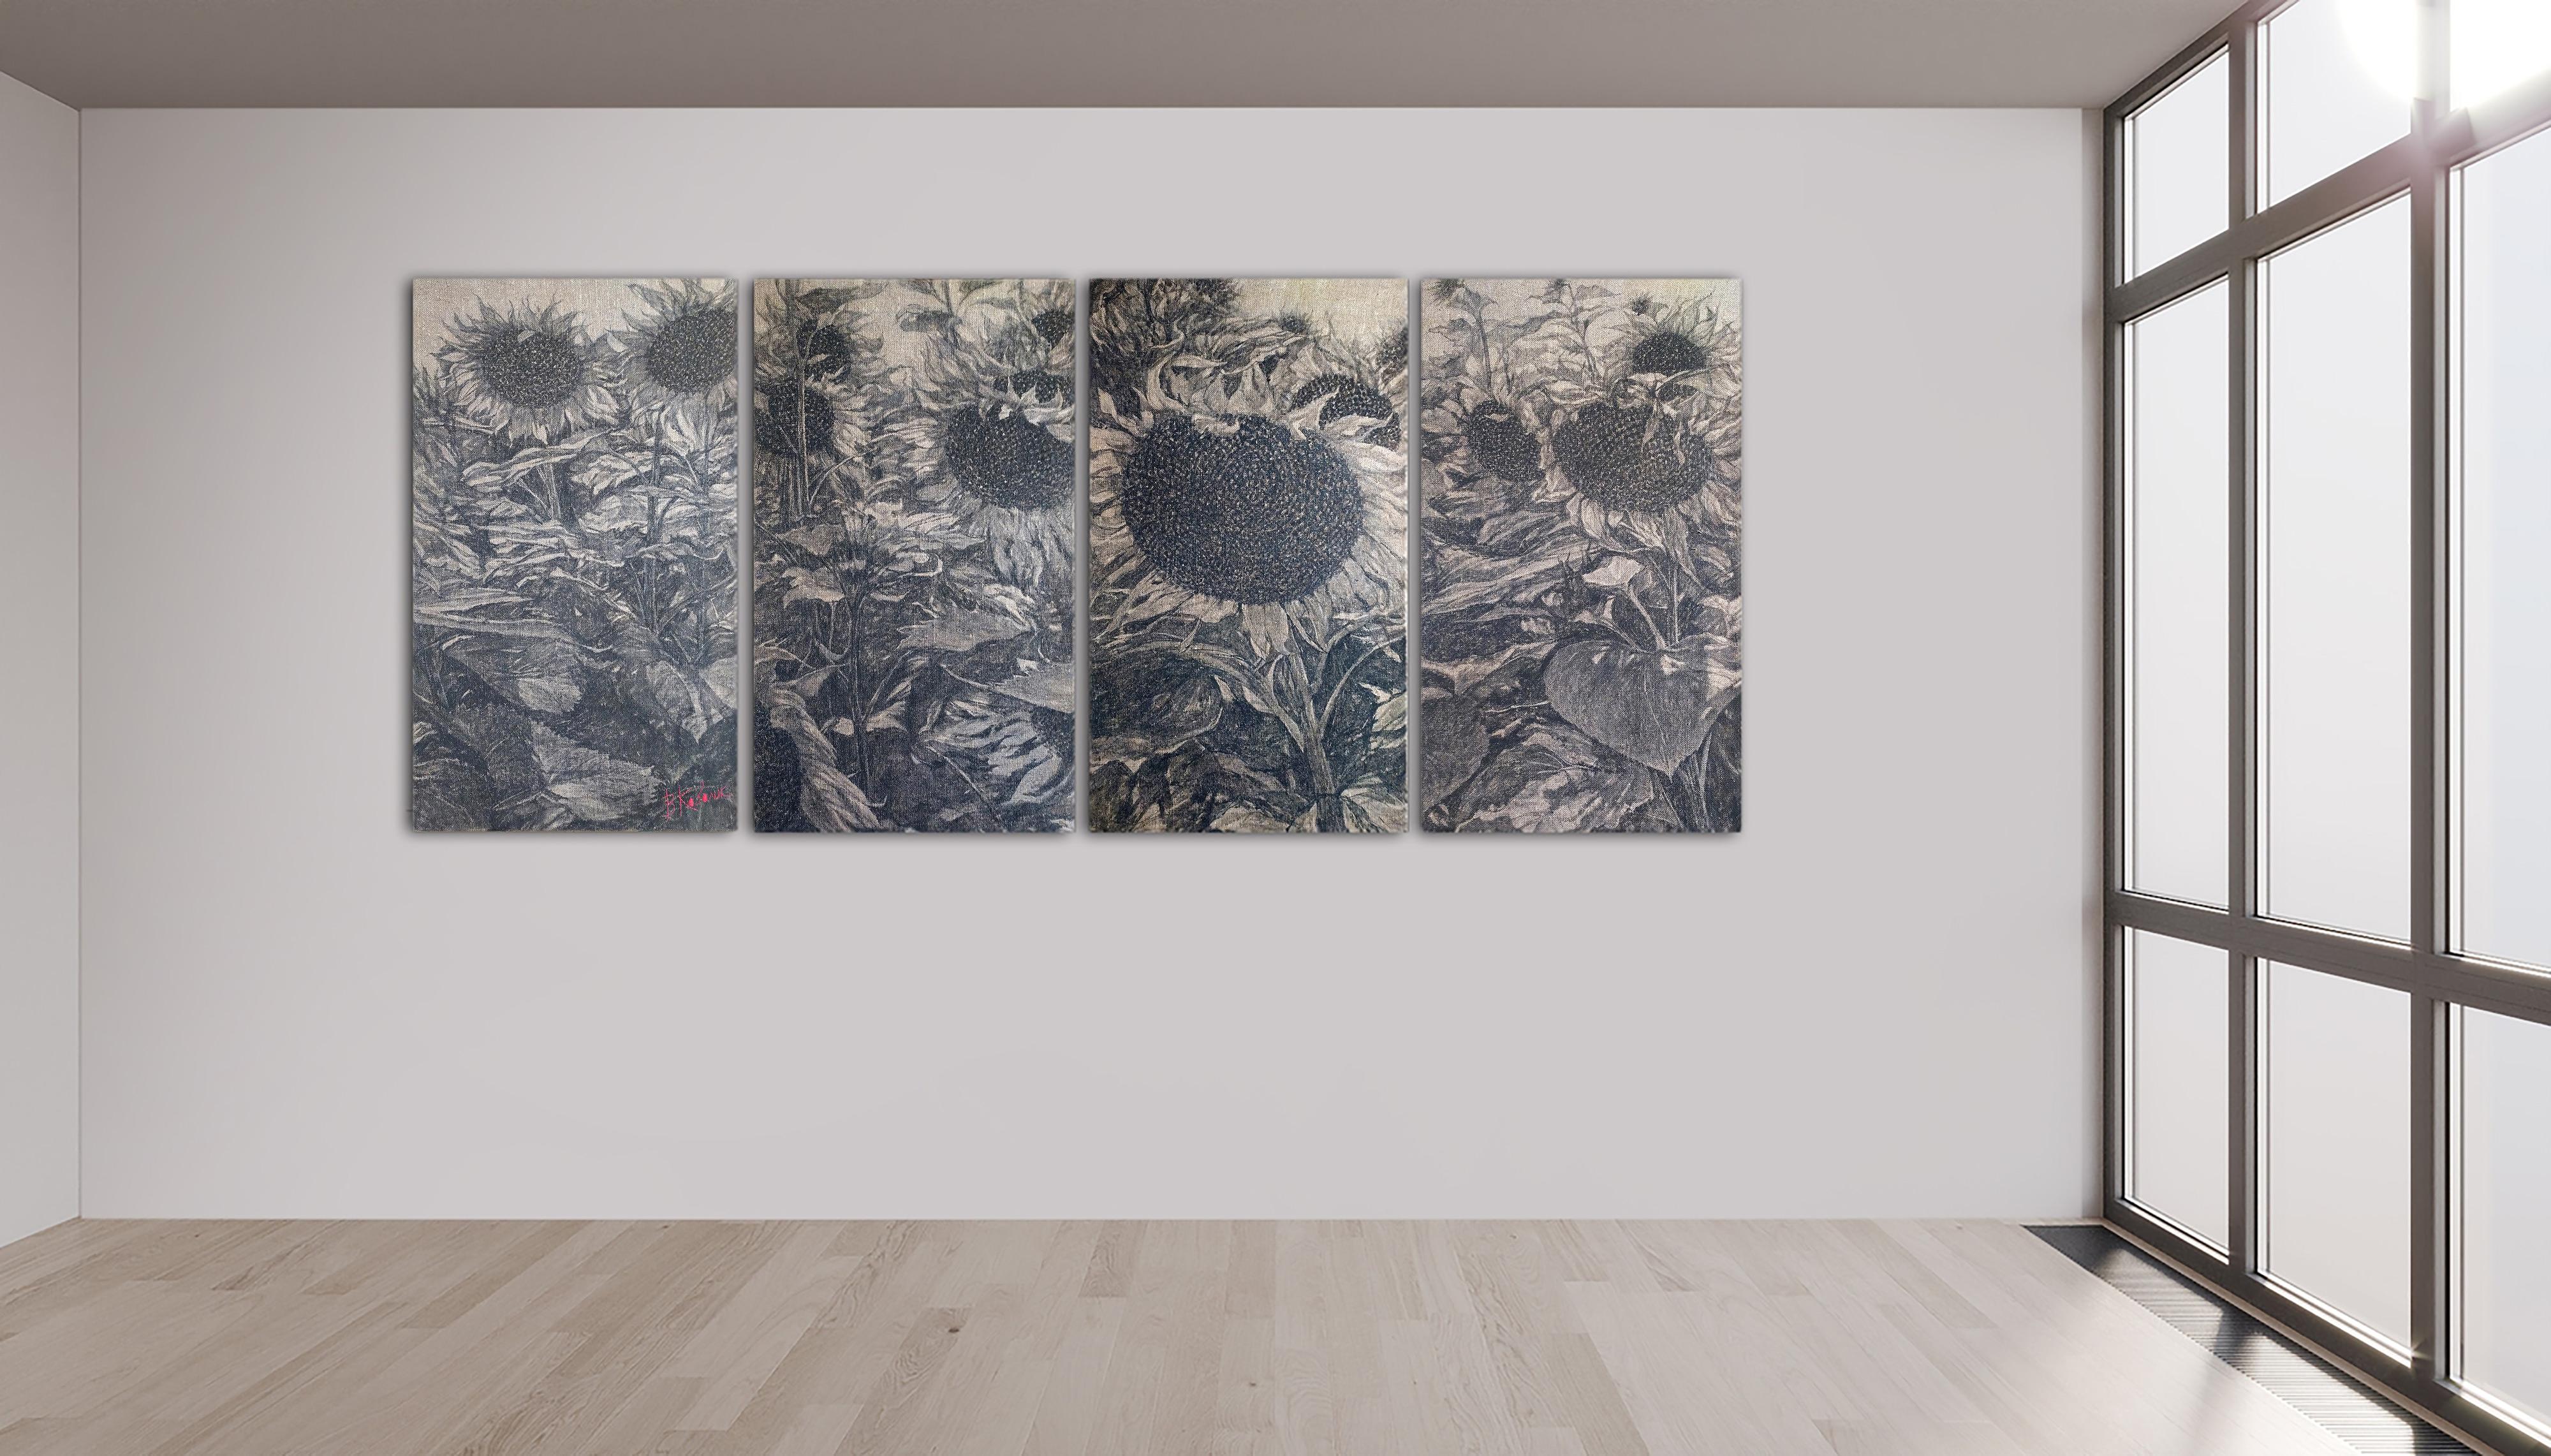 Sonnenblumen, Vierteilig, Leinen, Aquarell, Pigment,4x55x95 cm